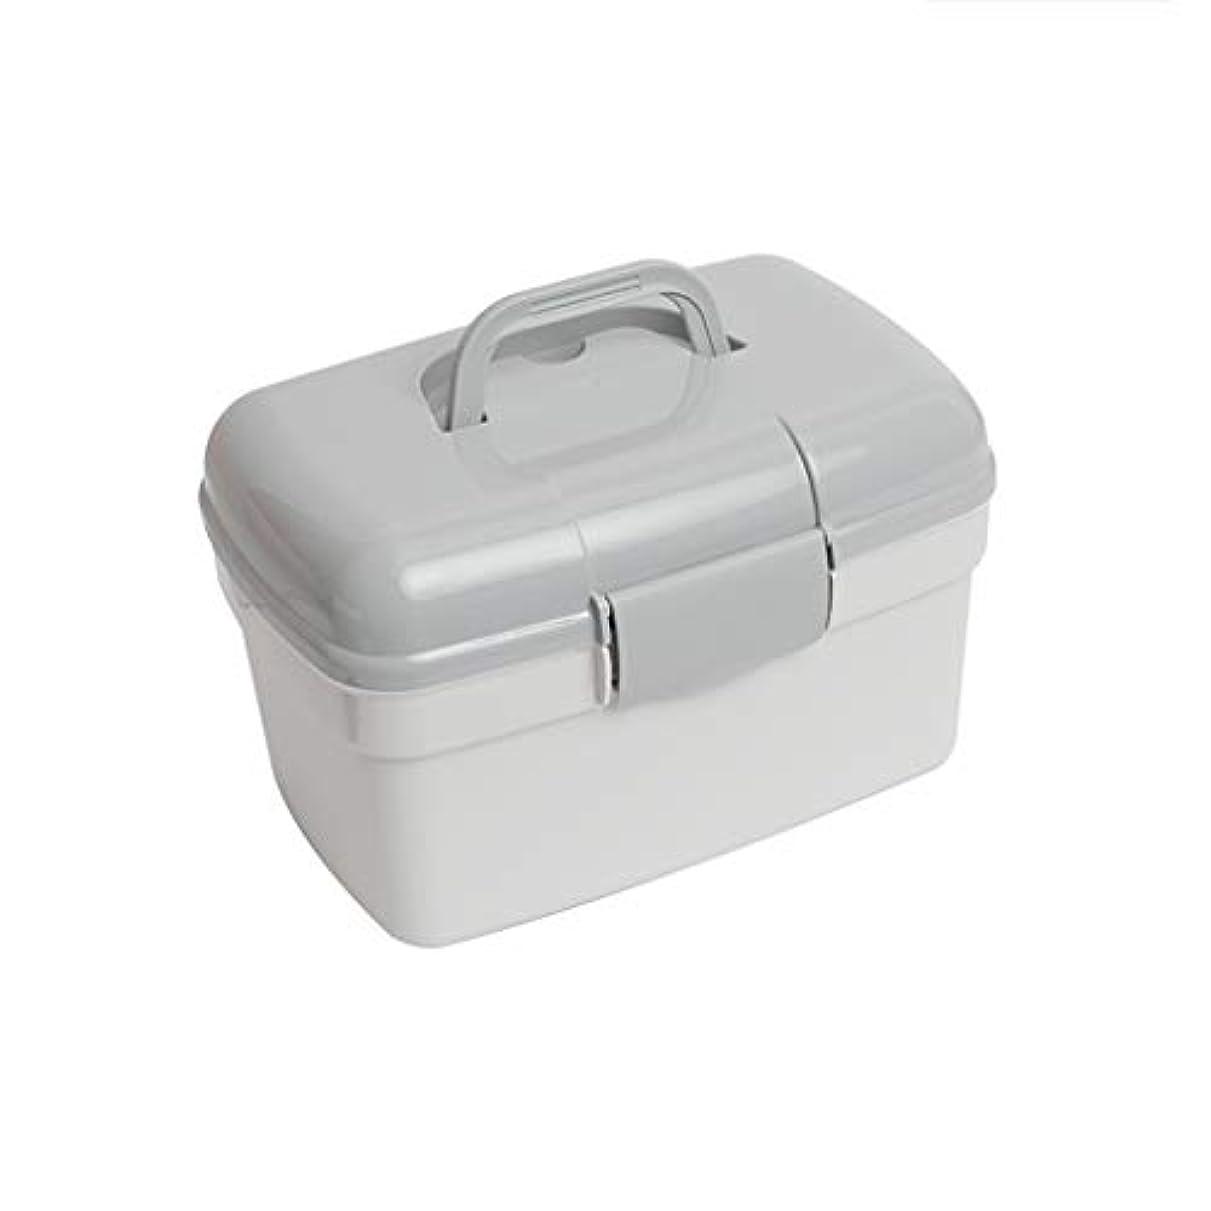 胆嚢エゴマニアもの家庭用多層医療キットポータブル応急処置キットプラスチック薬収納ボックス Ztoyby (Color : B)